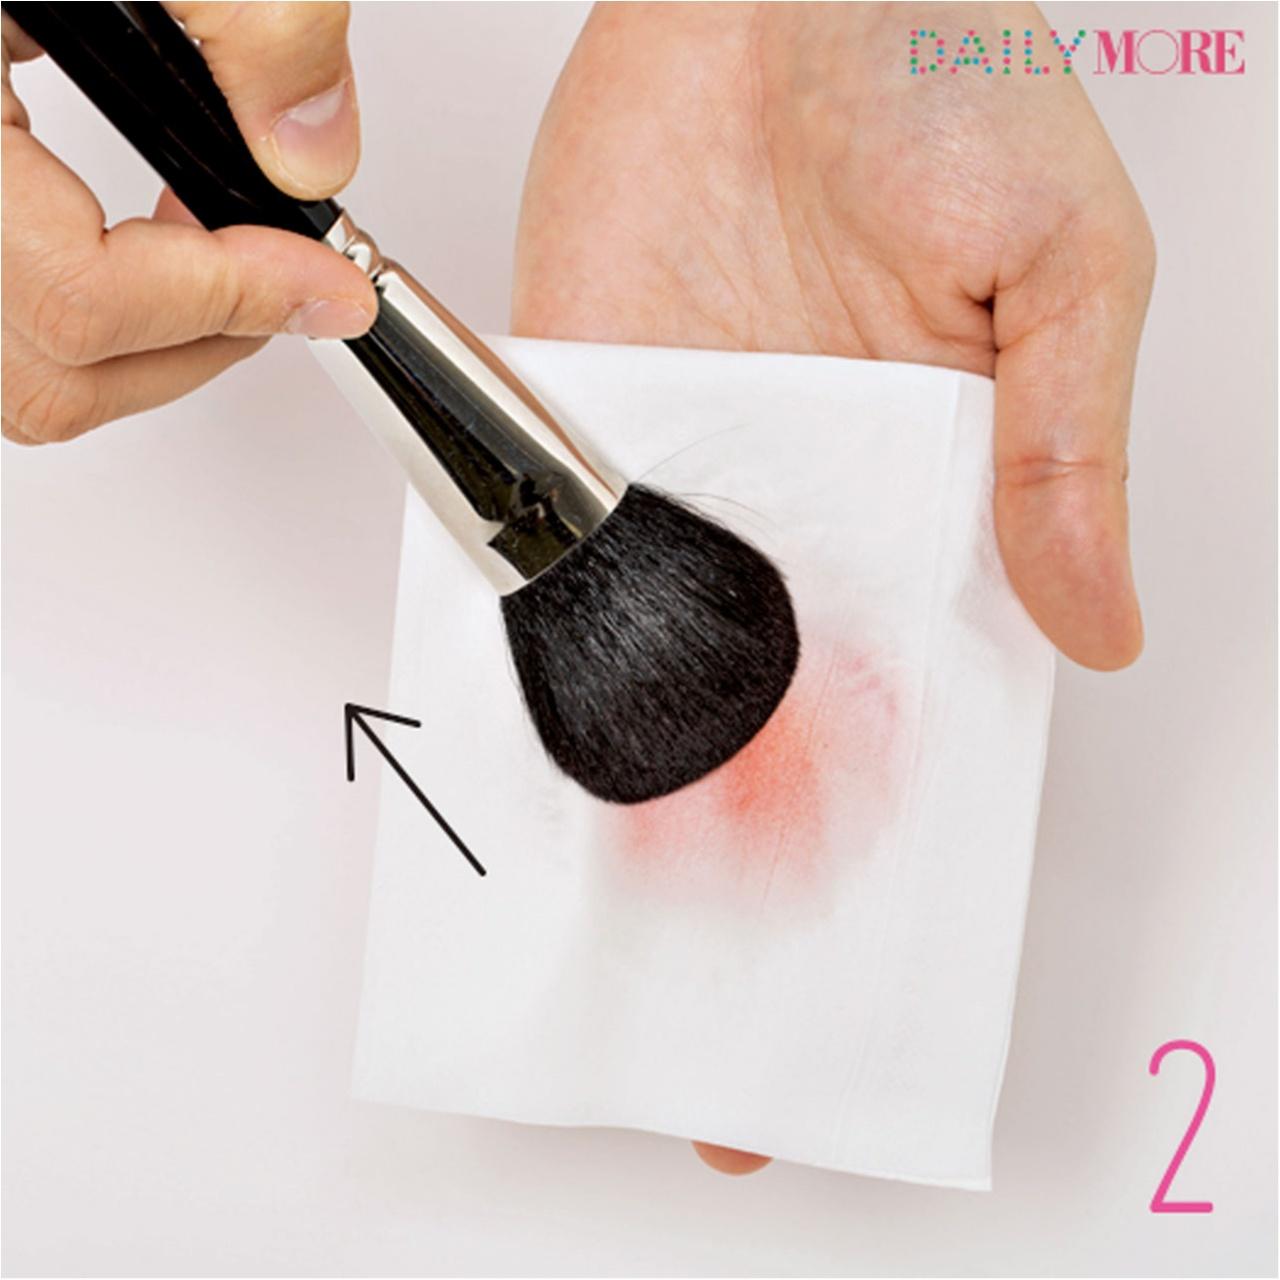 メイク用ブラシは粉の落とし方が重要!! 【メイクの汚道具、一斉お掃除大作戦!】_5